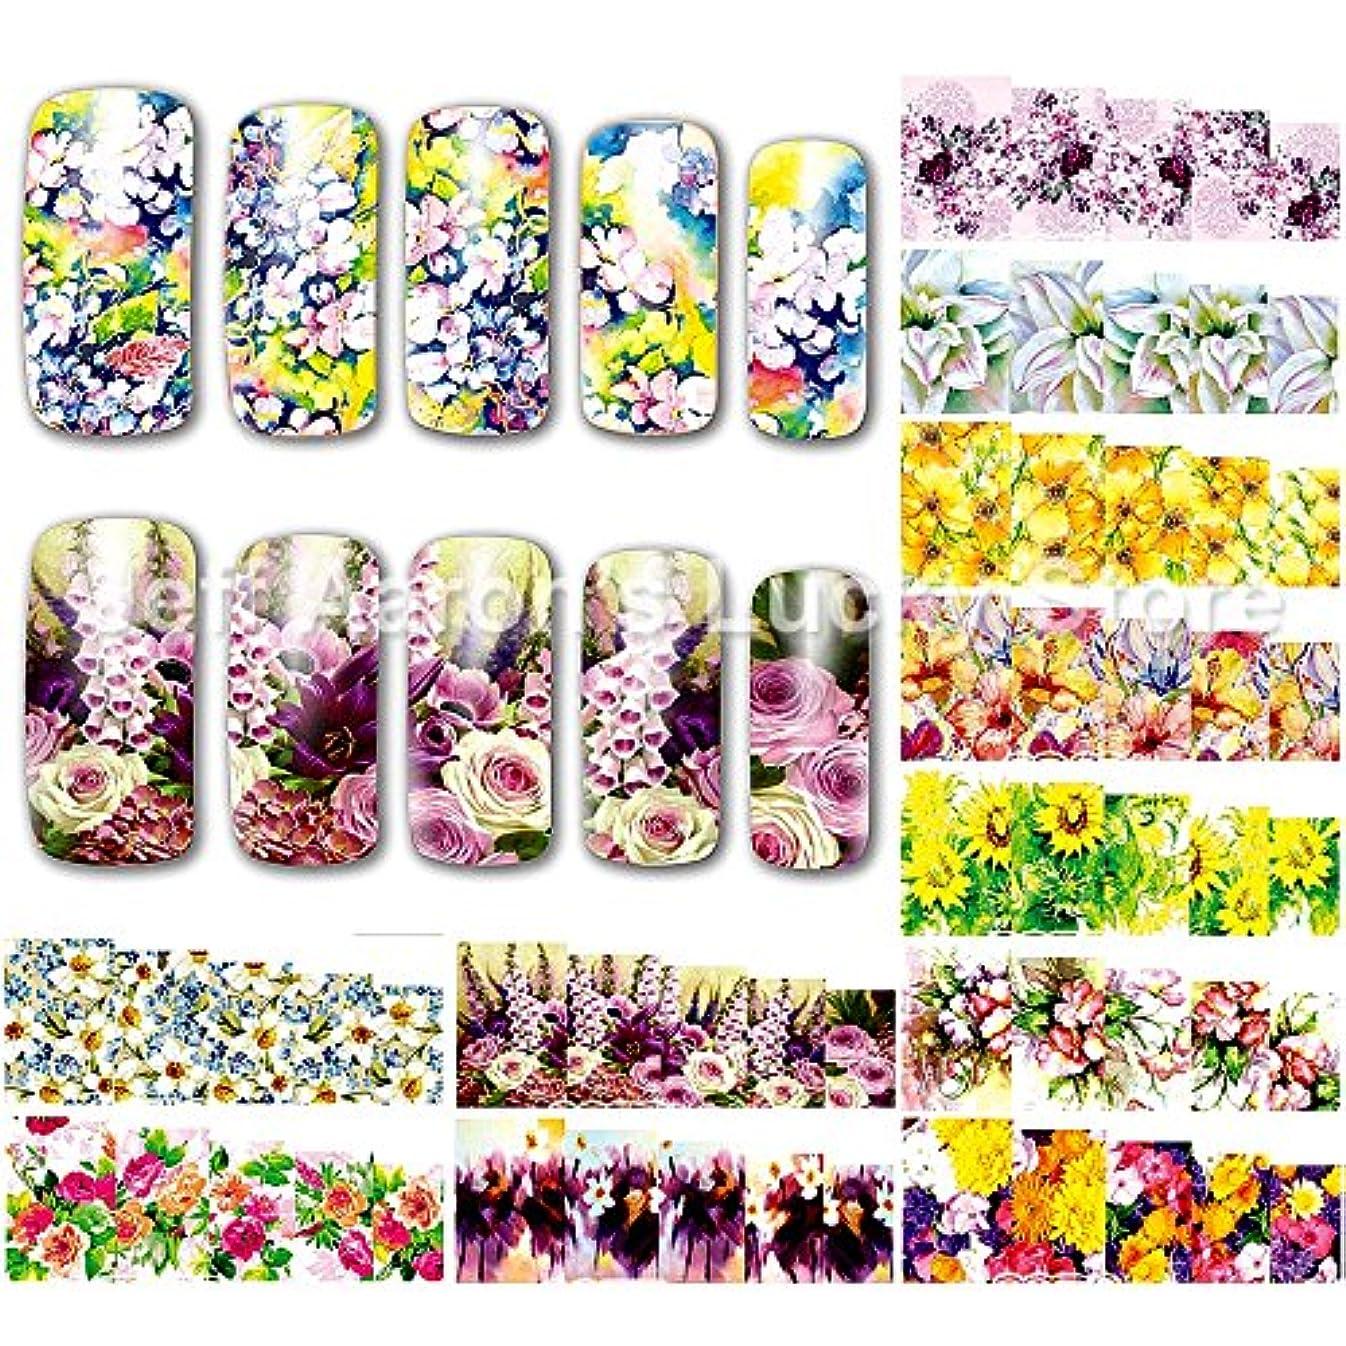 病院畝間記者Ithern(TM)美容水の転送ネイルステッカーネイルアートのヒントデコレーションマニキュア用品ツールの花のデザイン4960用のデカール12枚